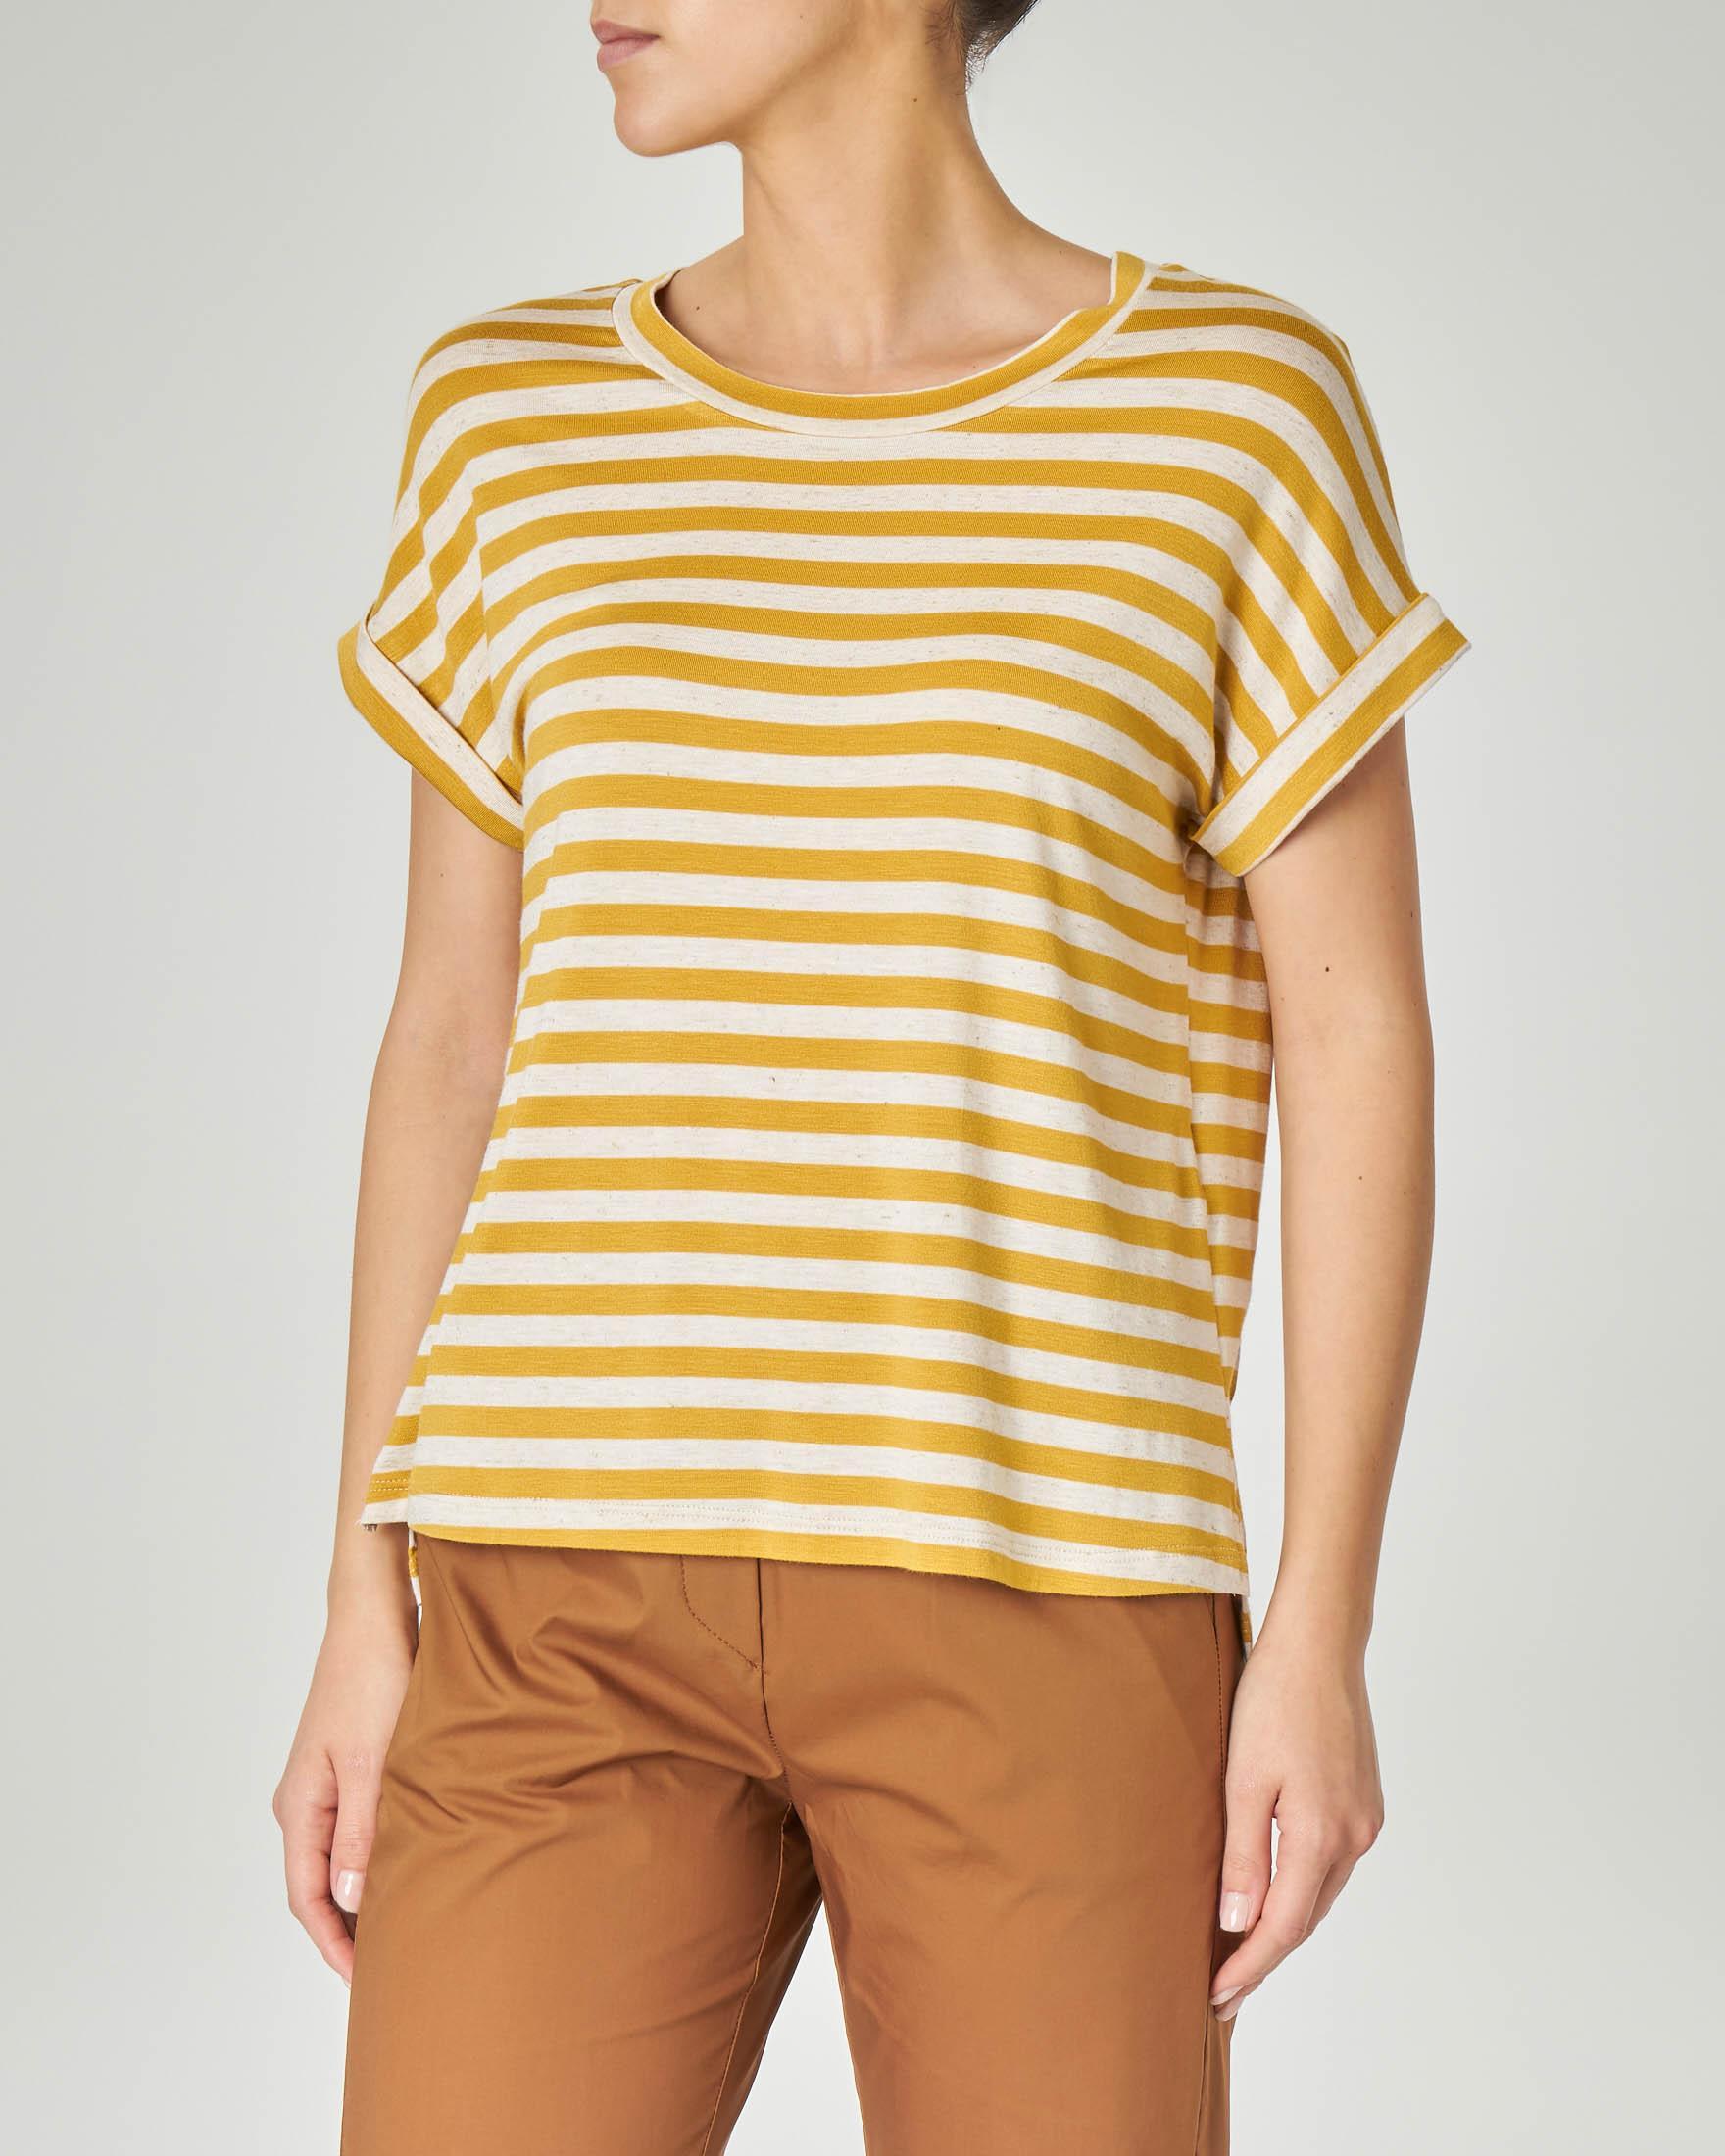 T-shirt a righe beige e gialle in viscosa misto lino con risvolto sulle maniche corte